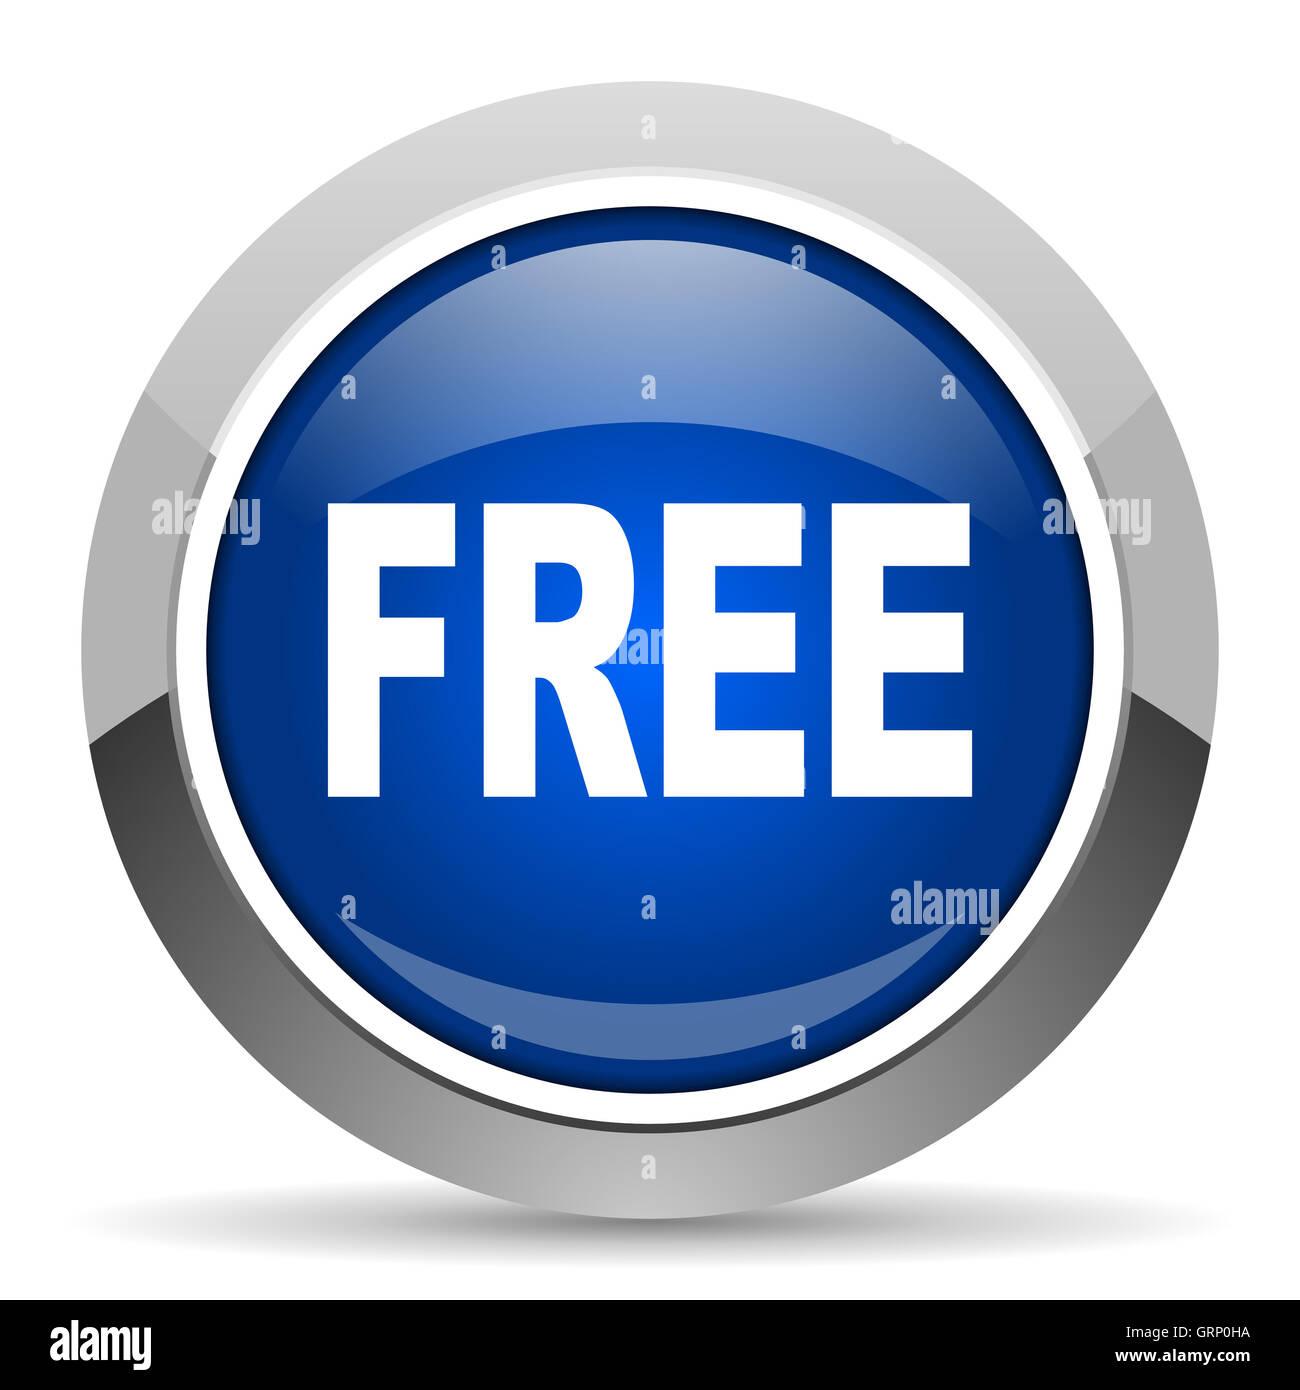 free icon Stock Photo